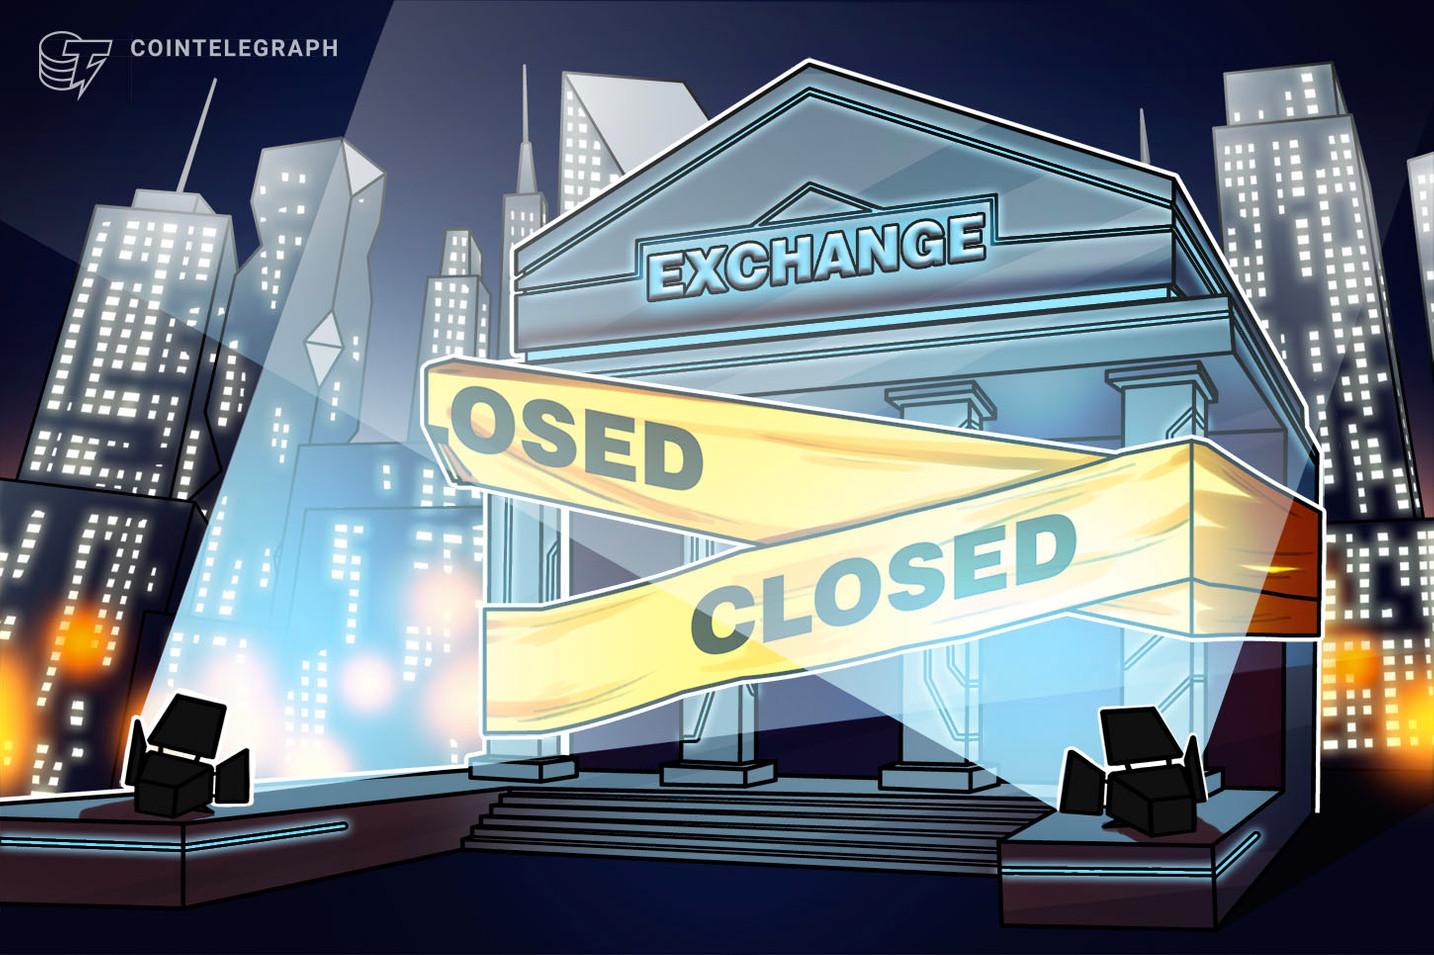 バイナンス、韓国事業をわずか9ヶ月で閉鎖、取引量低迷が原因で